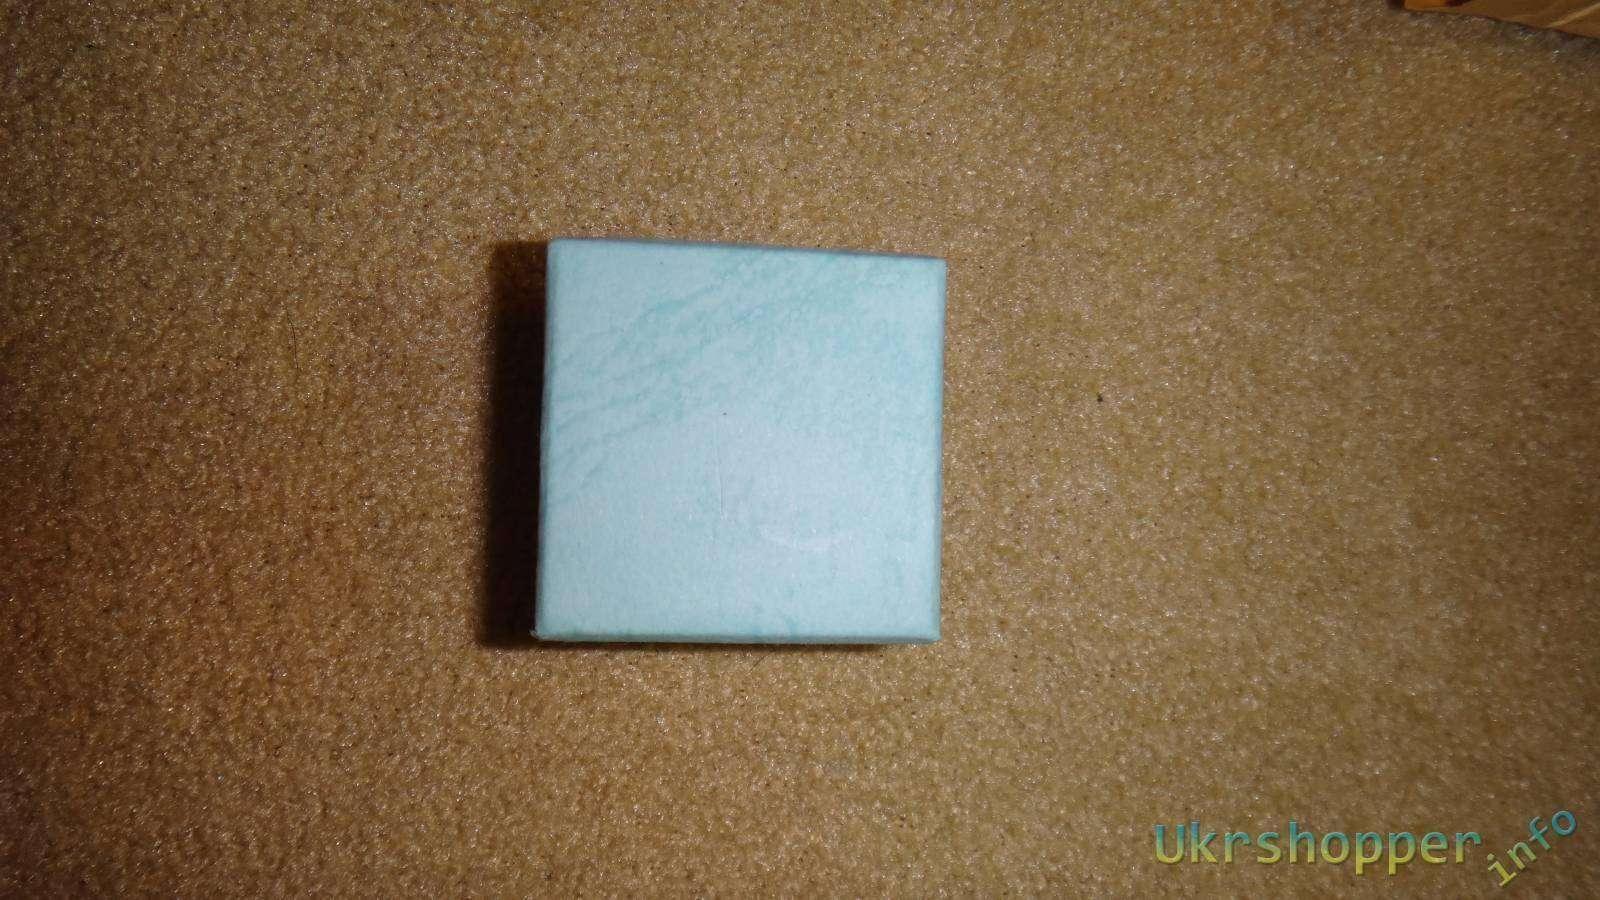 Aliexpress: Обзор комплекта украшений из стерлингового серебра 925 пробы